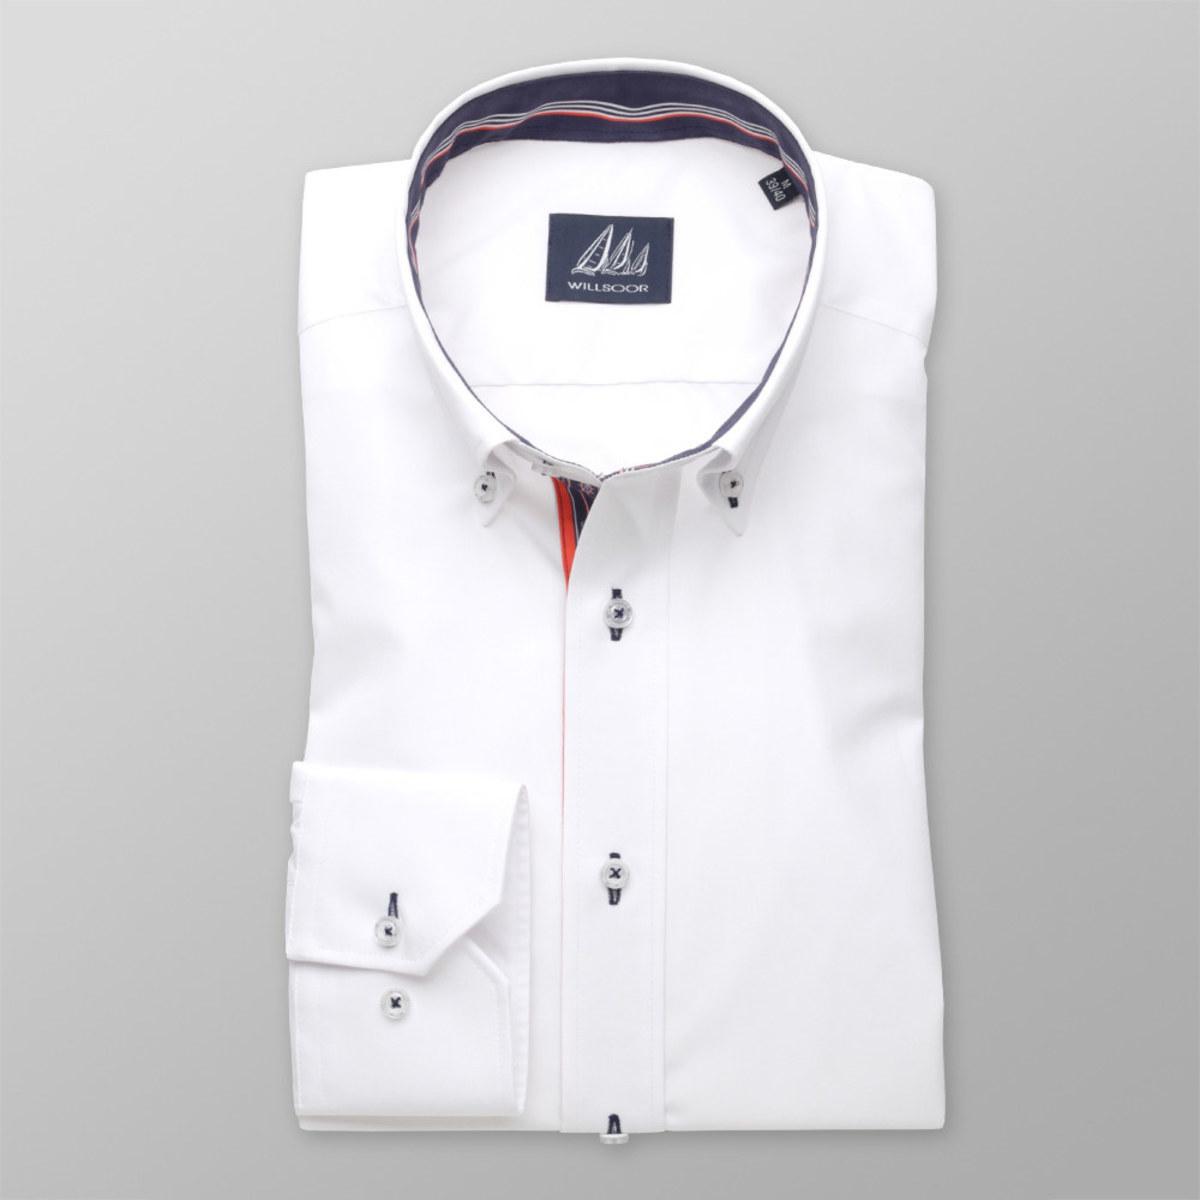 Pánská slim fit košile (výška 176-182 i 188-194) 8302 v bílé barvě 176-182 / XL (43/44)